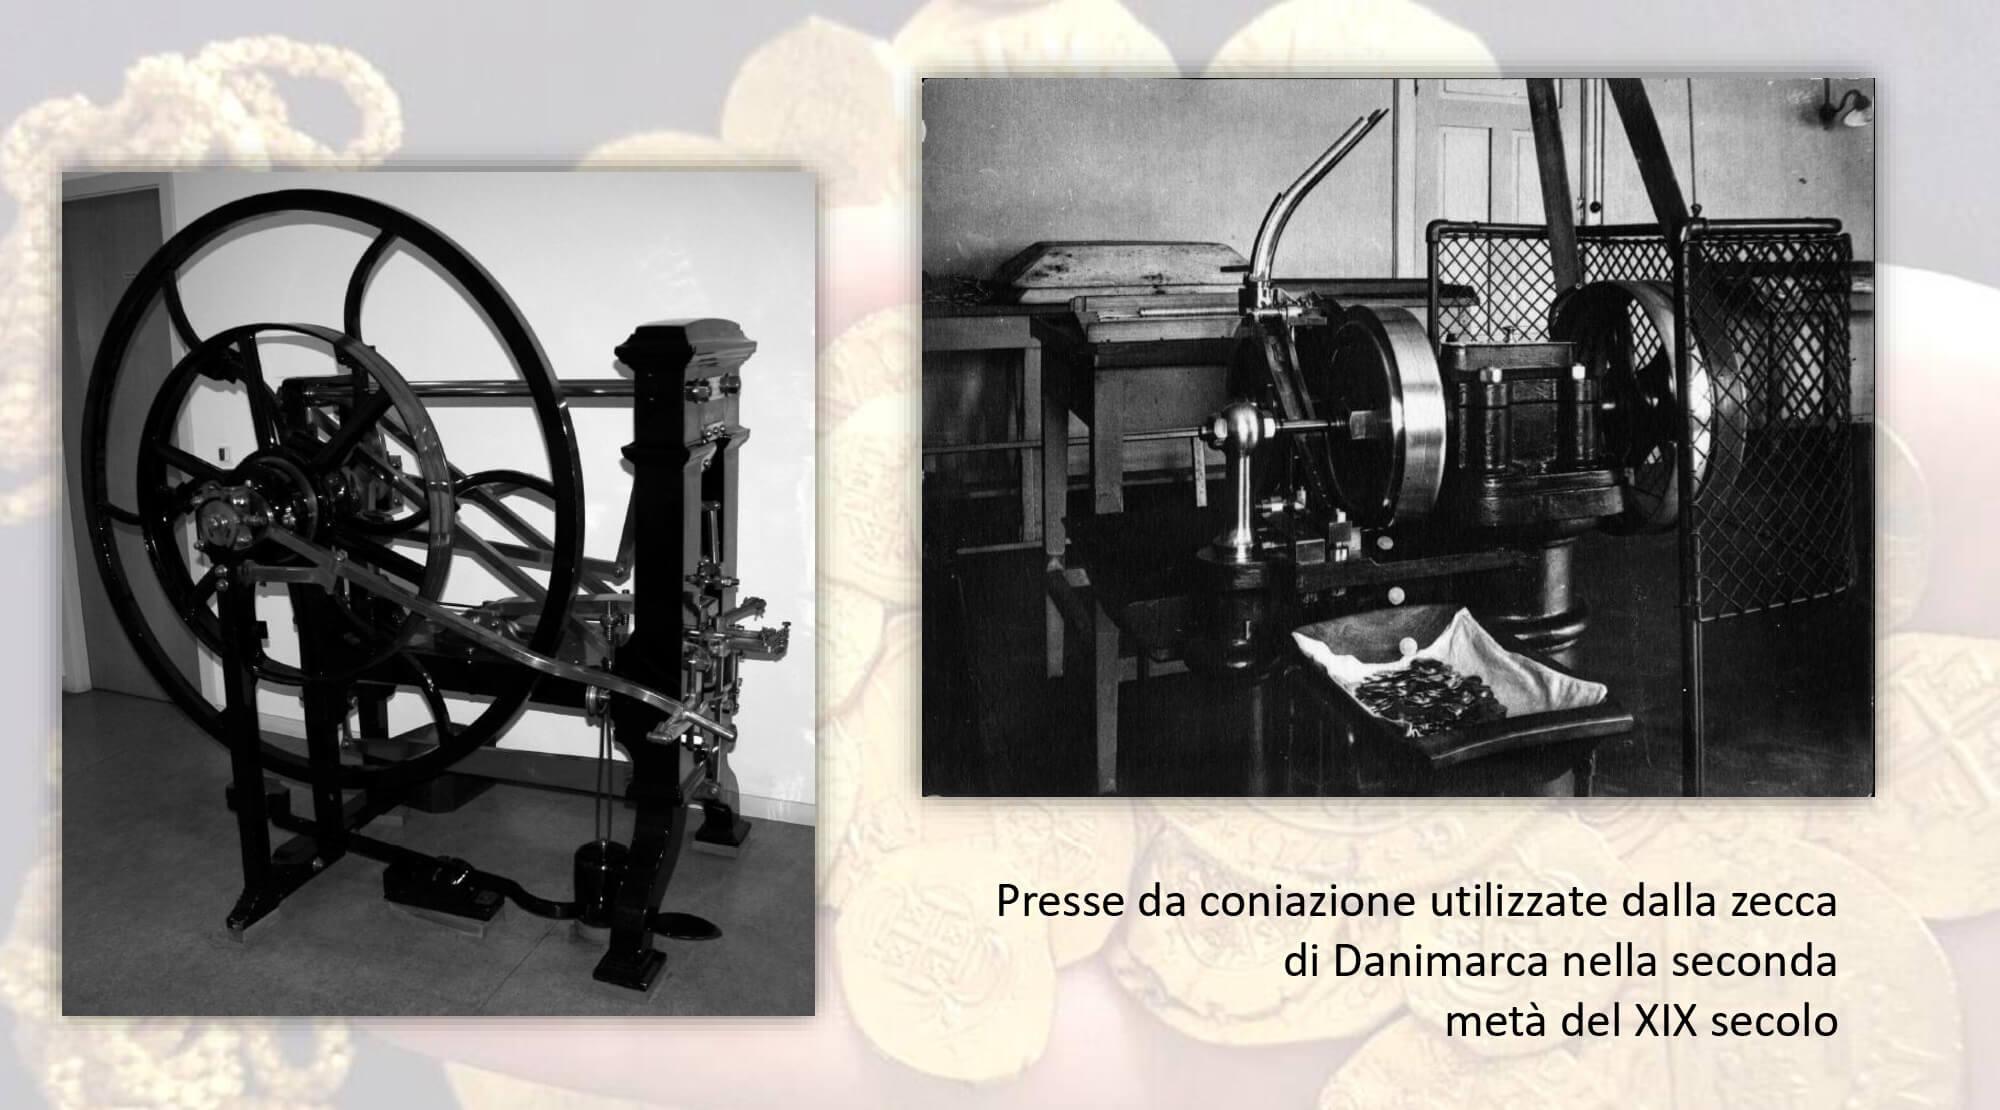 Strumenti di misura e verifica della moneta